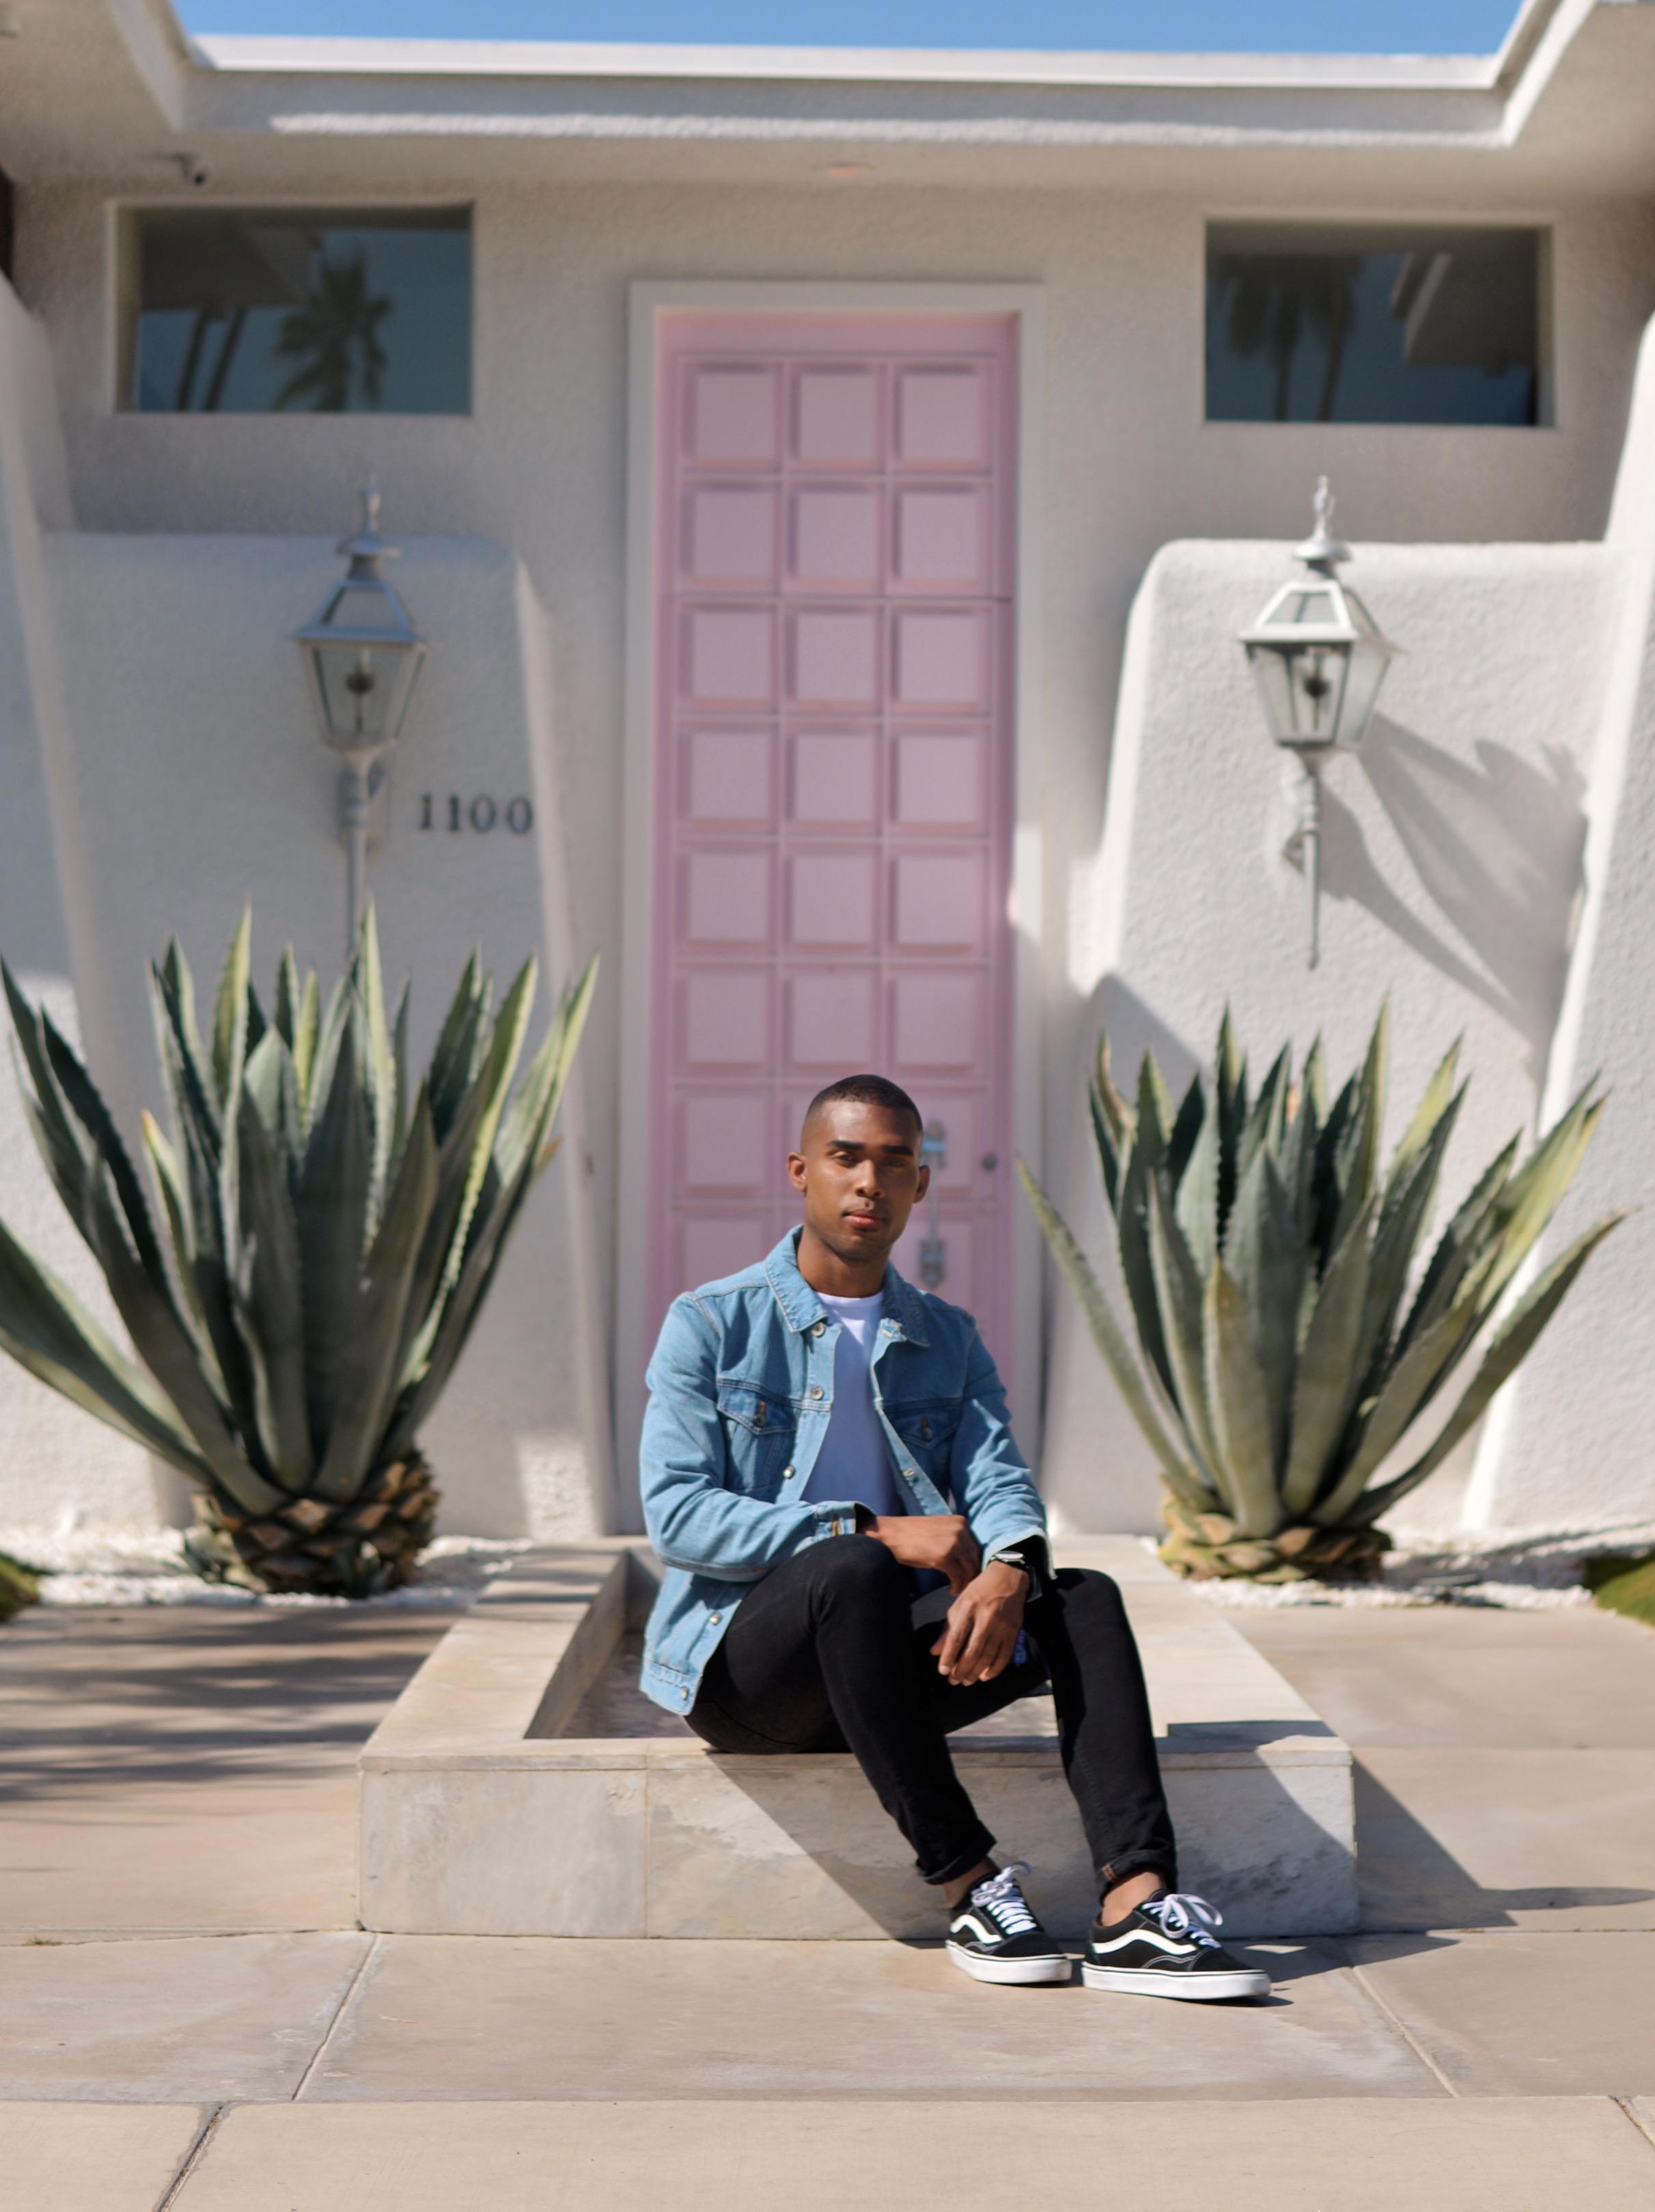 The-Look-Principle-Coachella-Looks-And-Tips-That-Pink-Door.jpg